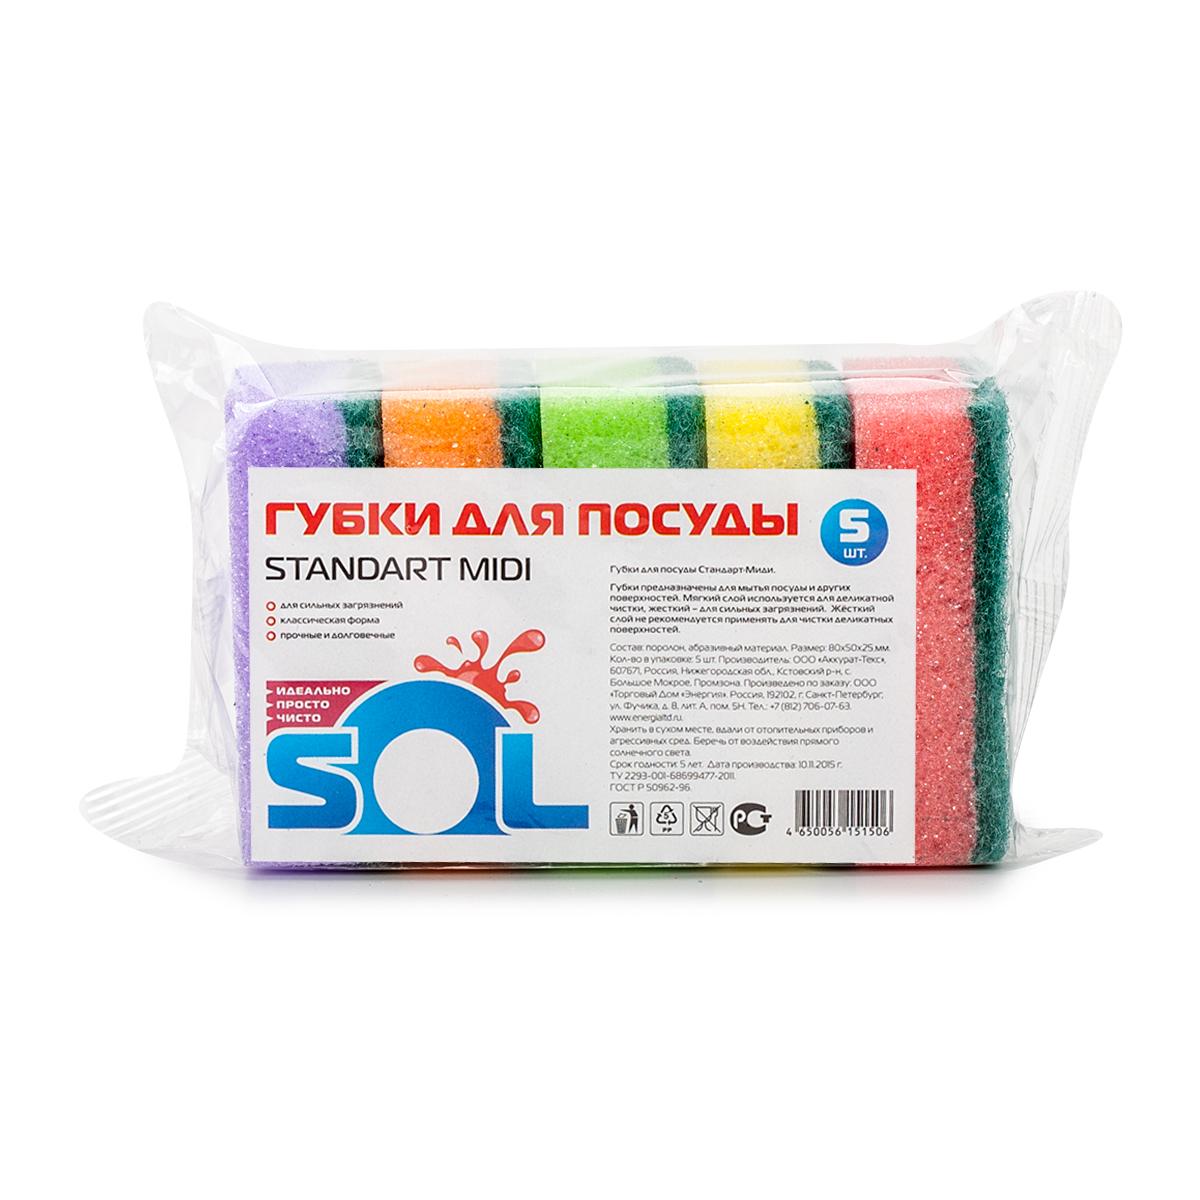 Губка для мытья посуды Sol Standart Midi, 5 шт10027Губки Sol Standart Midi предназначены для мытья посуды и других поверхностей. Выполнены из поролона и абразивного материала. Мягкий слой используется для деликатной чистки и способствует образованию пены, жесткий - для сильных загрязнений.В комплекте 5 губок разного цвета.